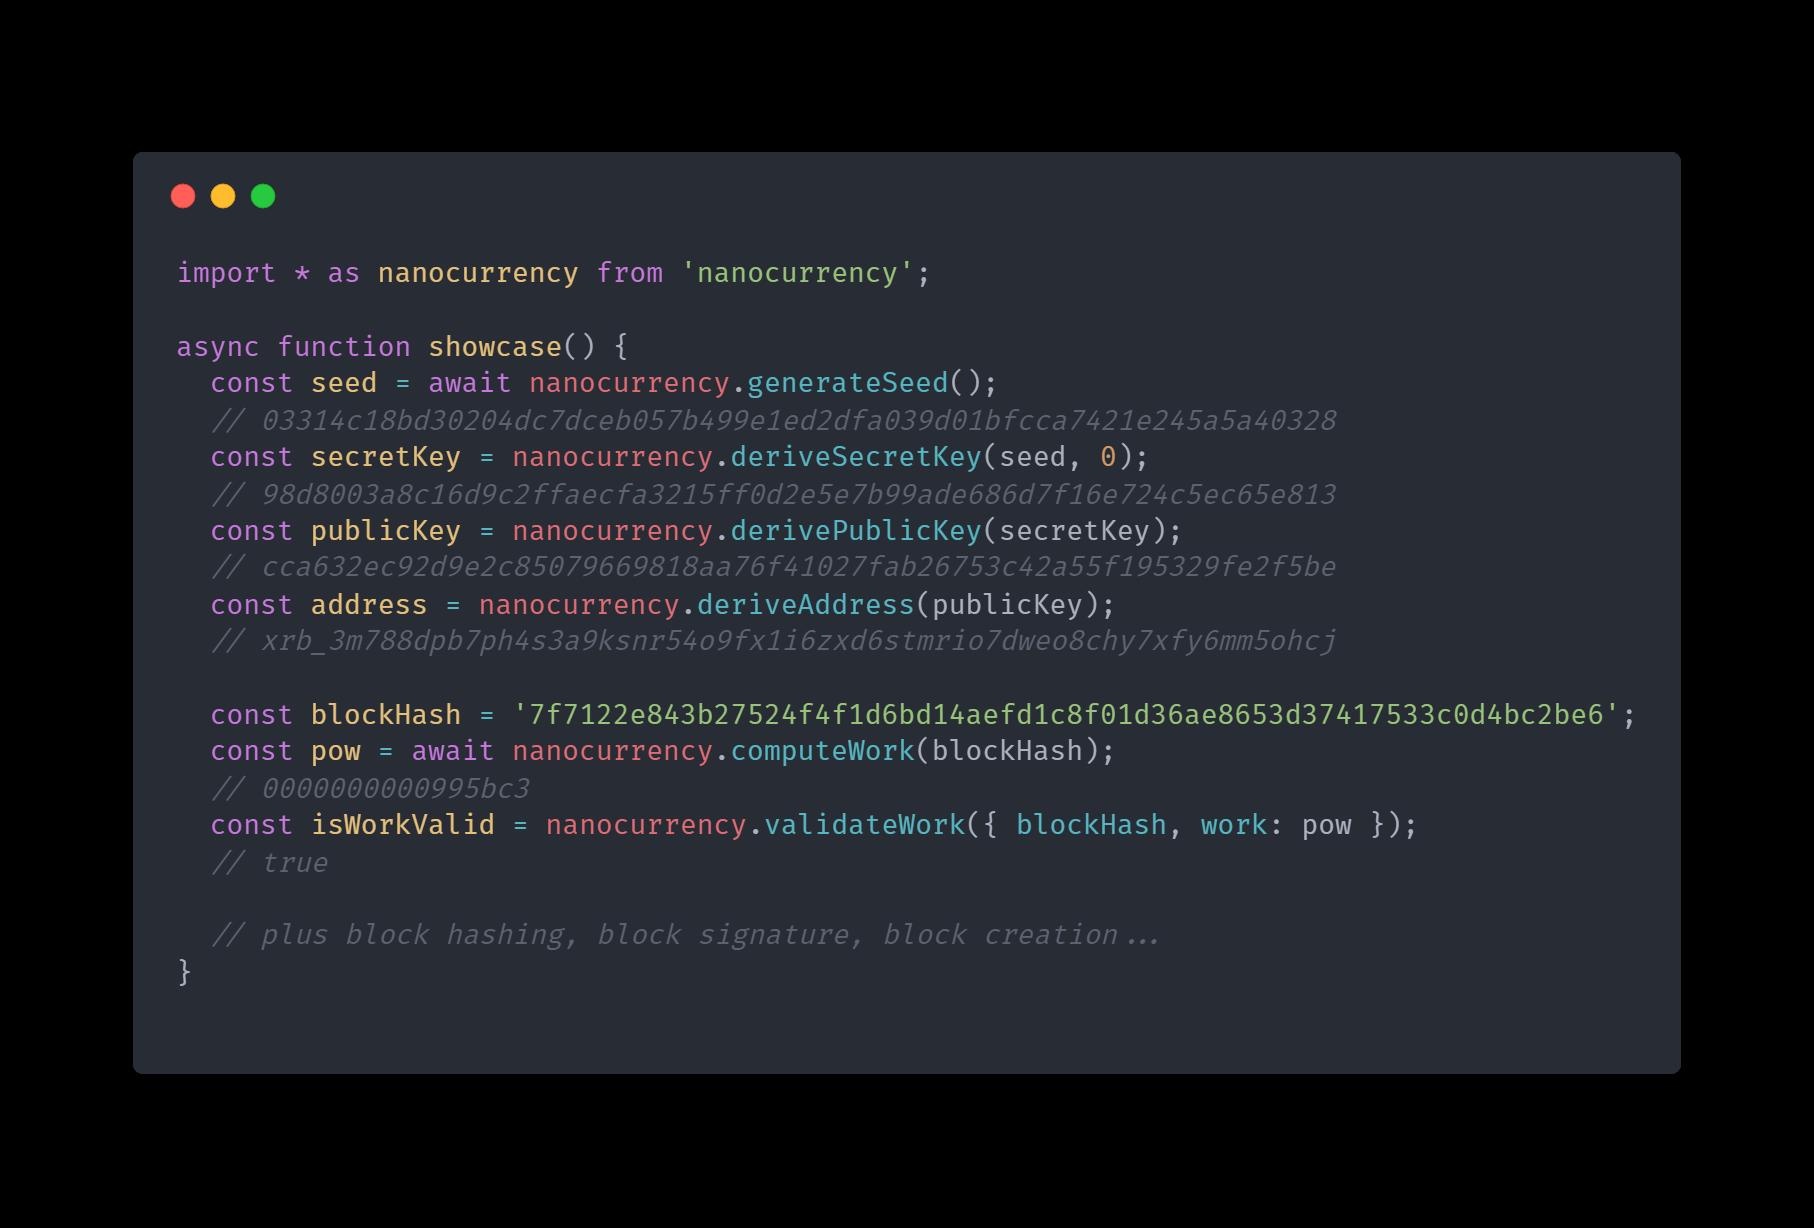 Code showcase